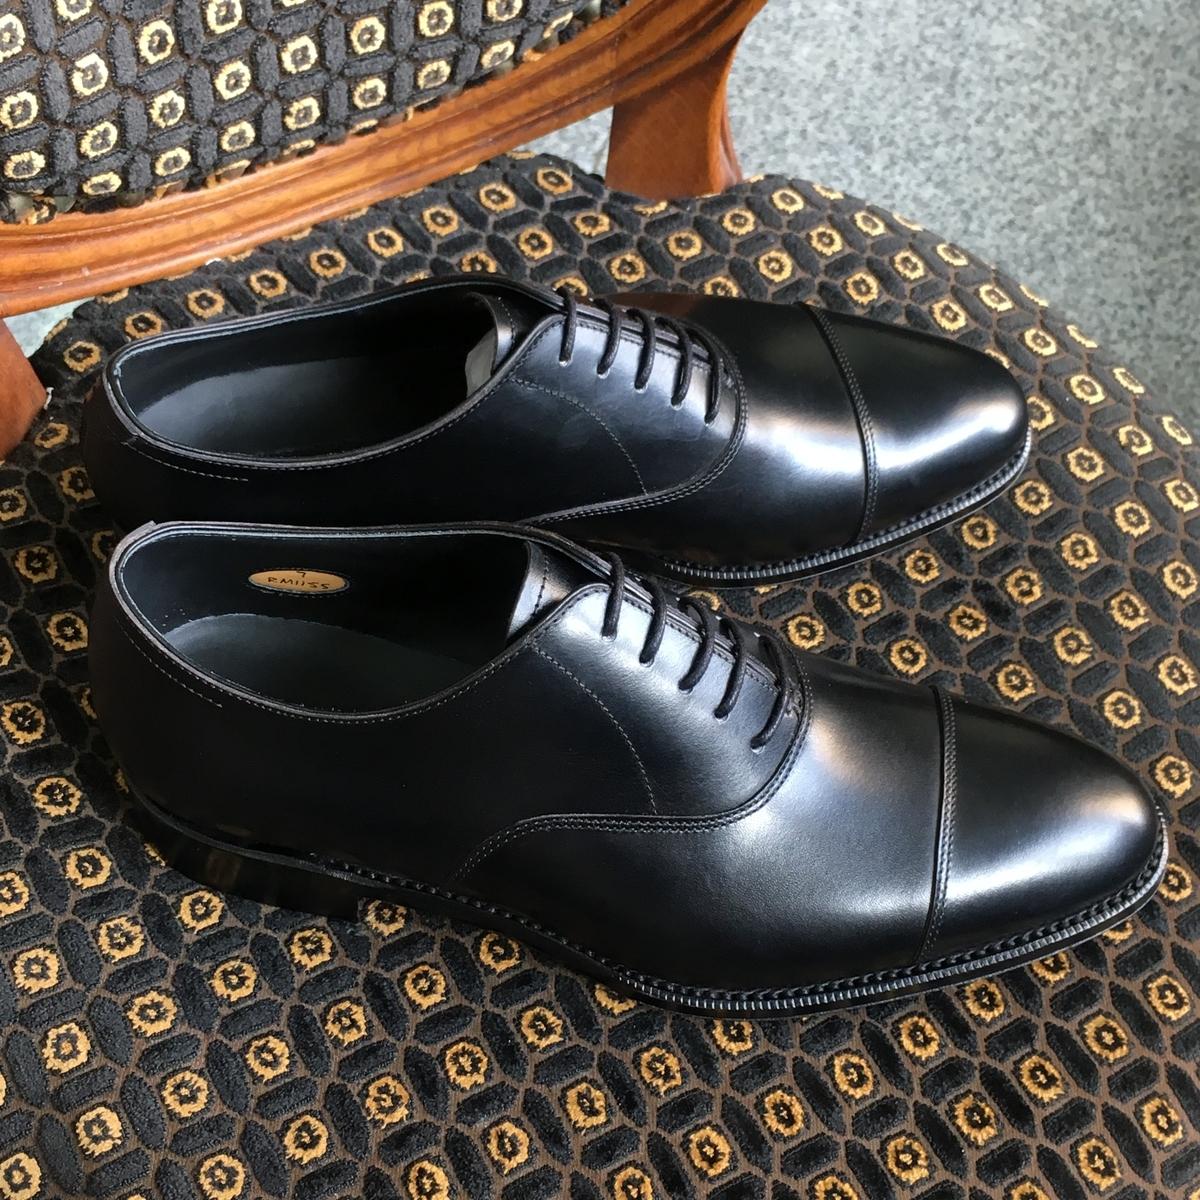 f:id:raymar-shoes:20190910212710j:plain